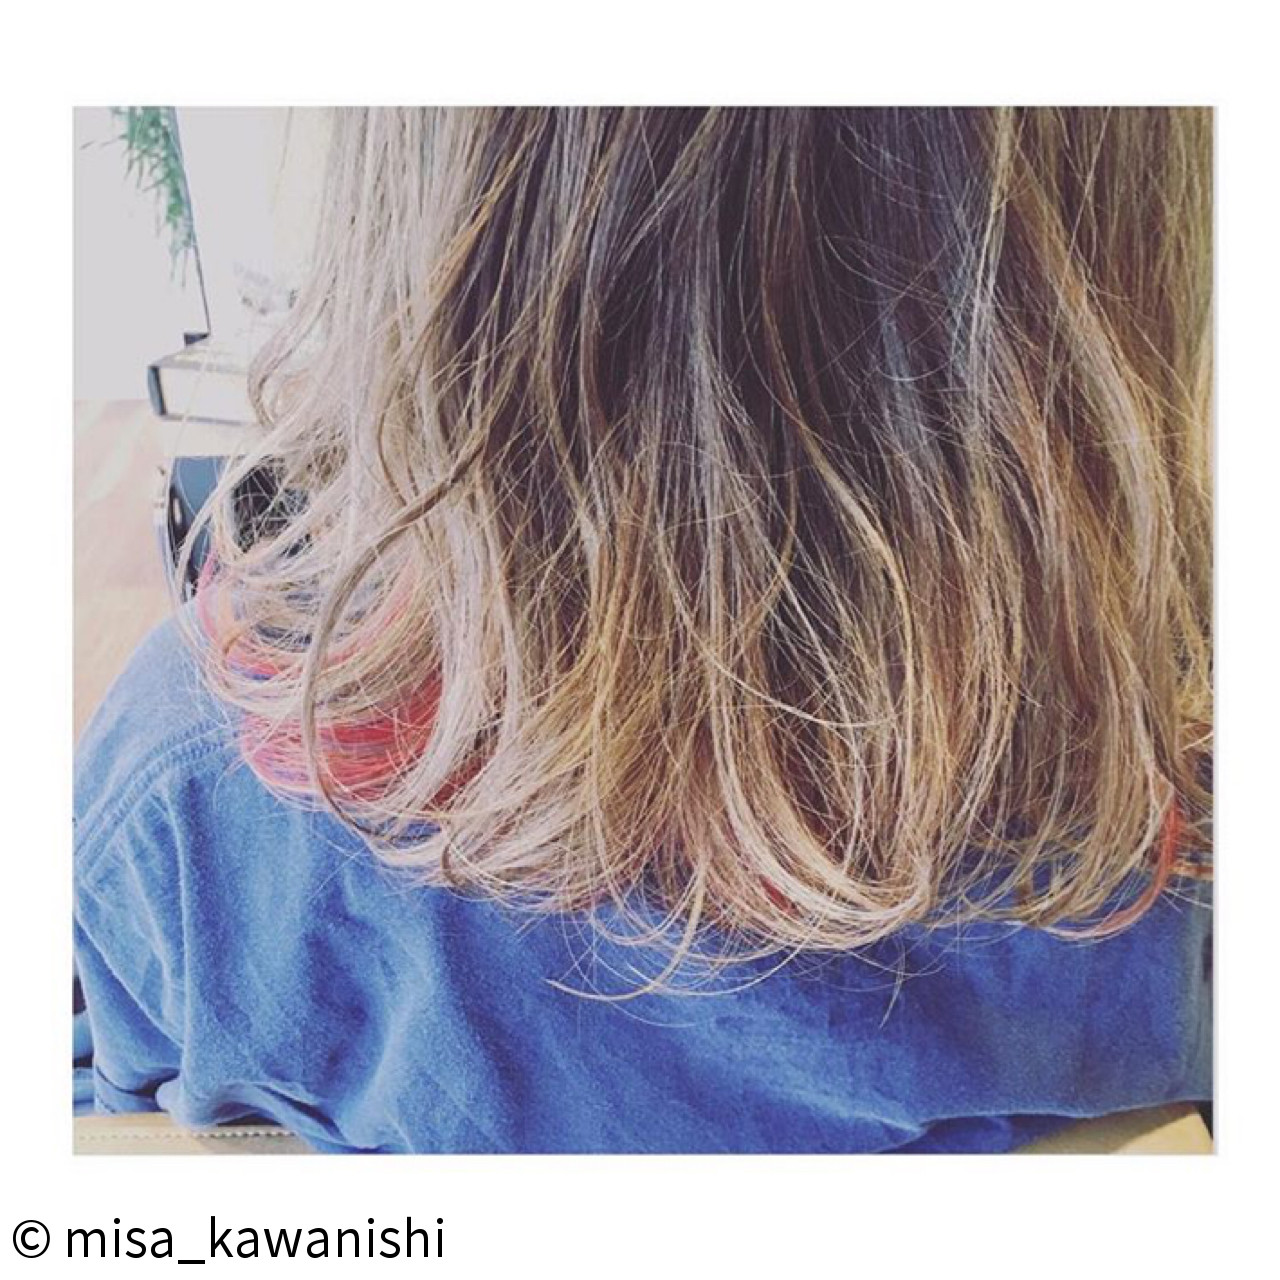 ハイトーン ピンク ウェーブ ハイライト ヘアスタイルや髪型の写真・画像